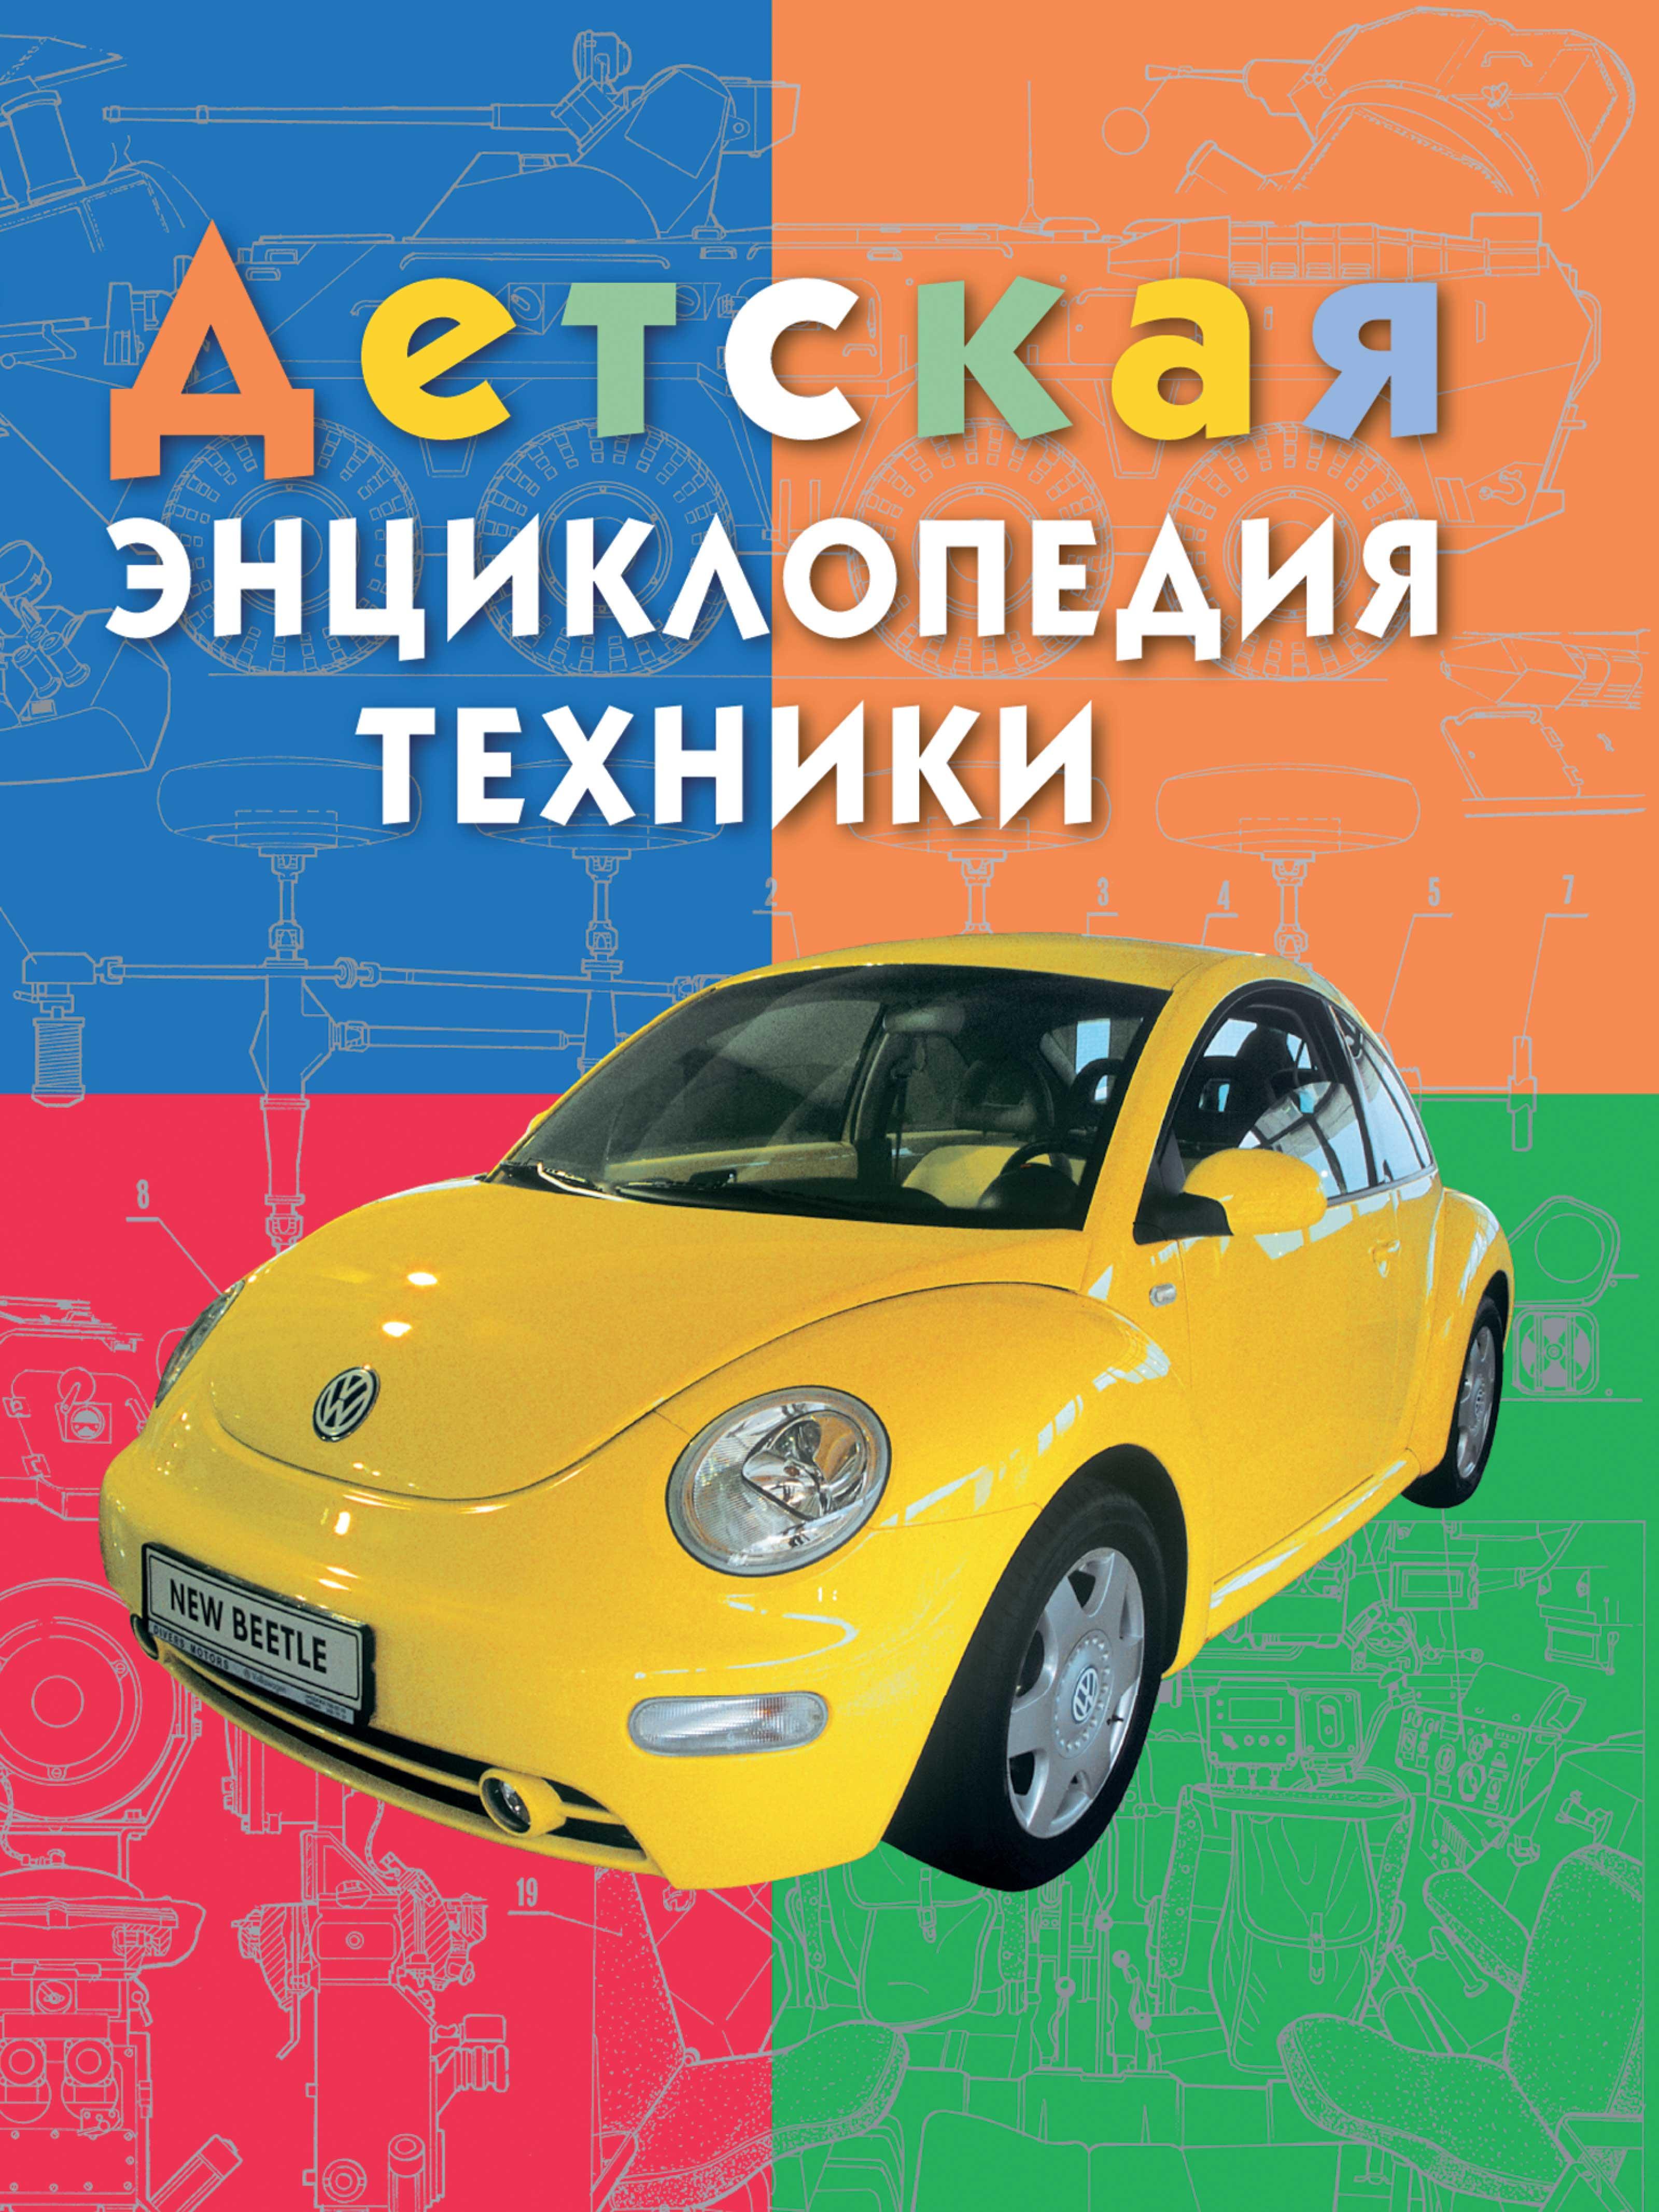 Виктор Дыгало Детская энциклопедия техники. Энциклопедия для детей младшего школьного возраста